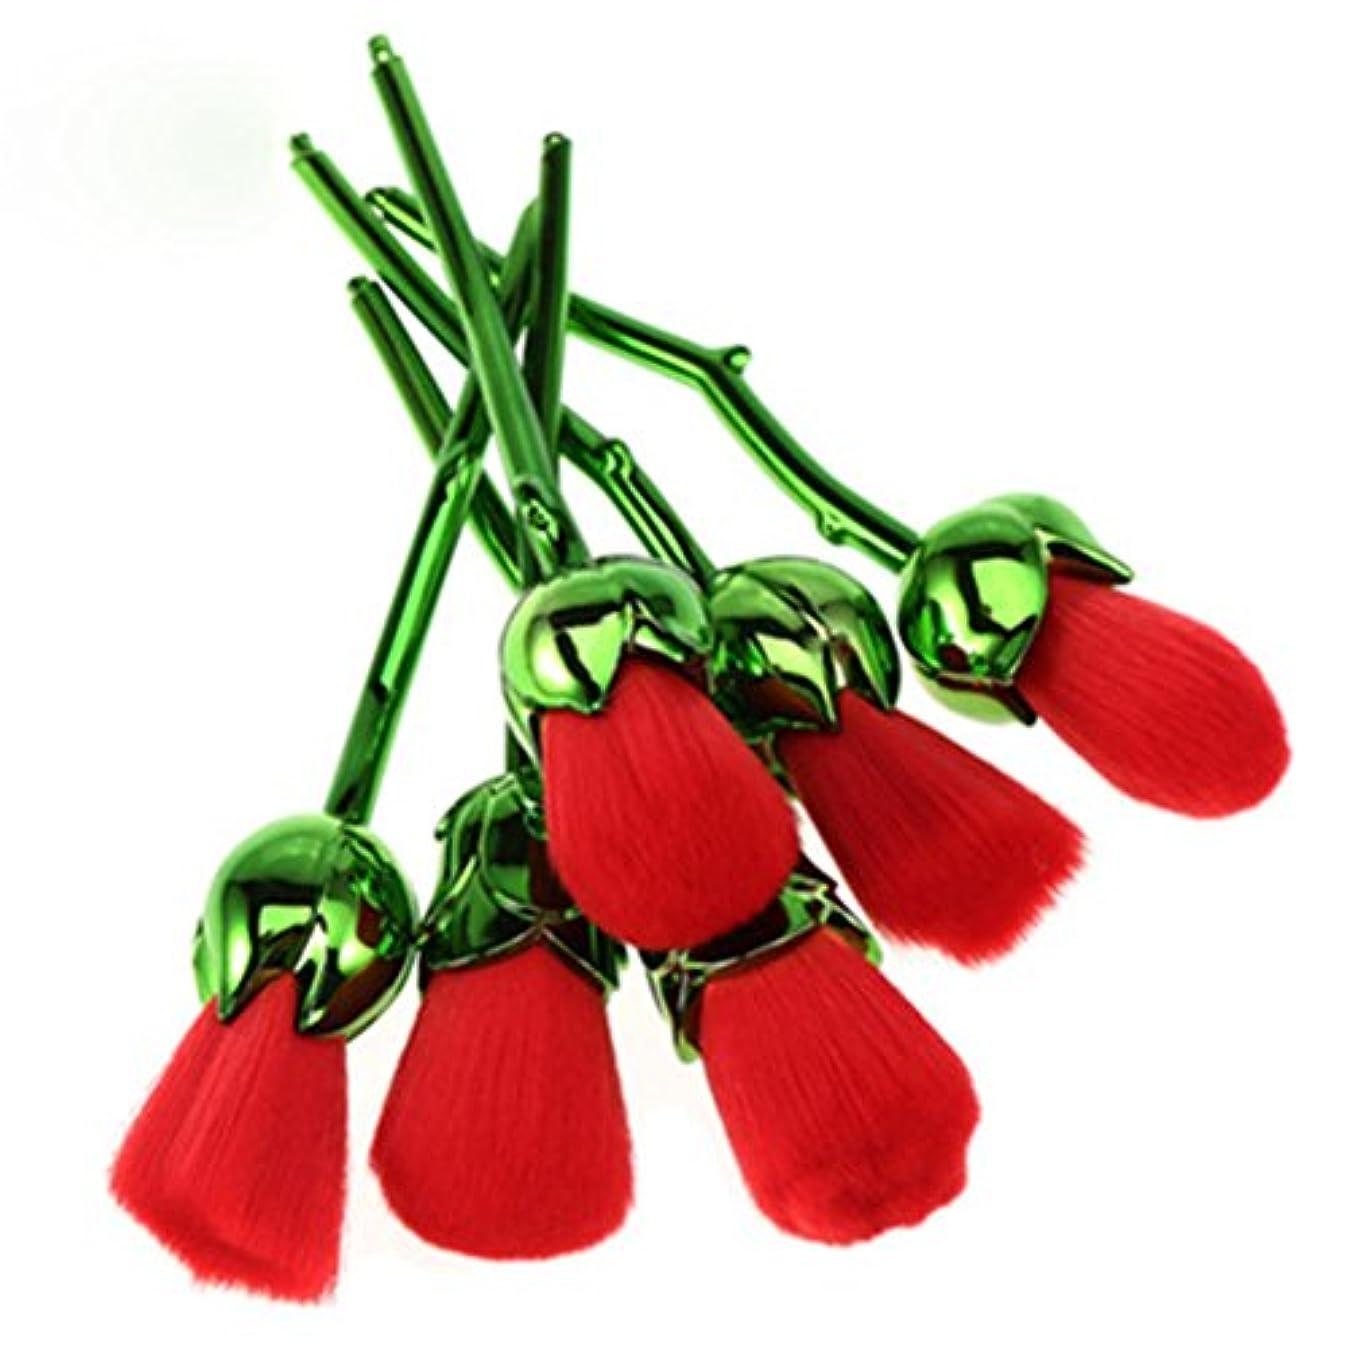 ディラビューティー(Dilla Beauty) メイクブラシ 薔薇 メイクブラシセット 人気 ファンデーションブラシ 化粧筆 可愛い 化粧ブラシ セット パウダーブラシ フェイスブラシ ローズ メイクブラシ 6本セット ケース付き (グリーン - レッド)